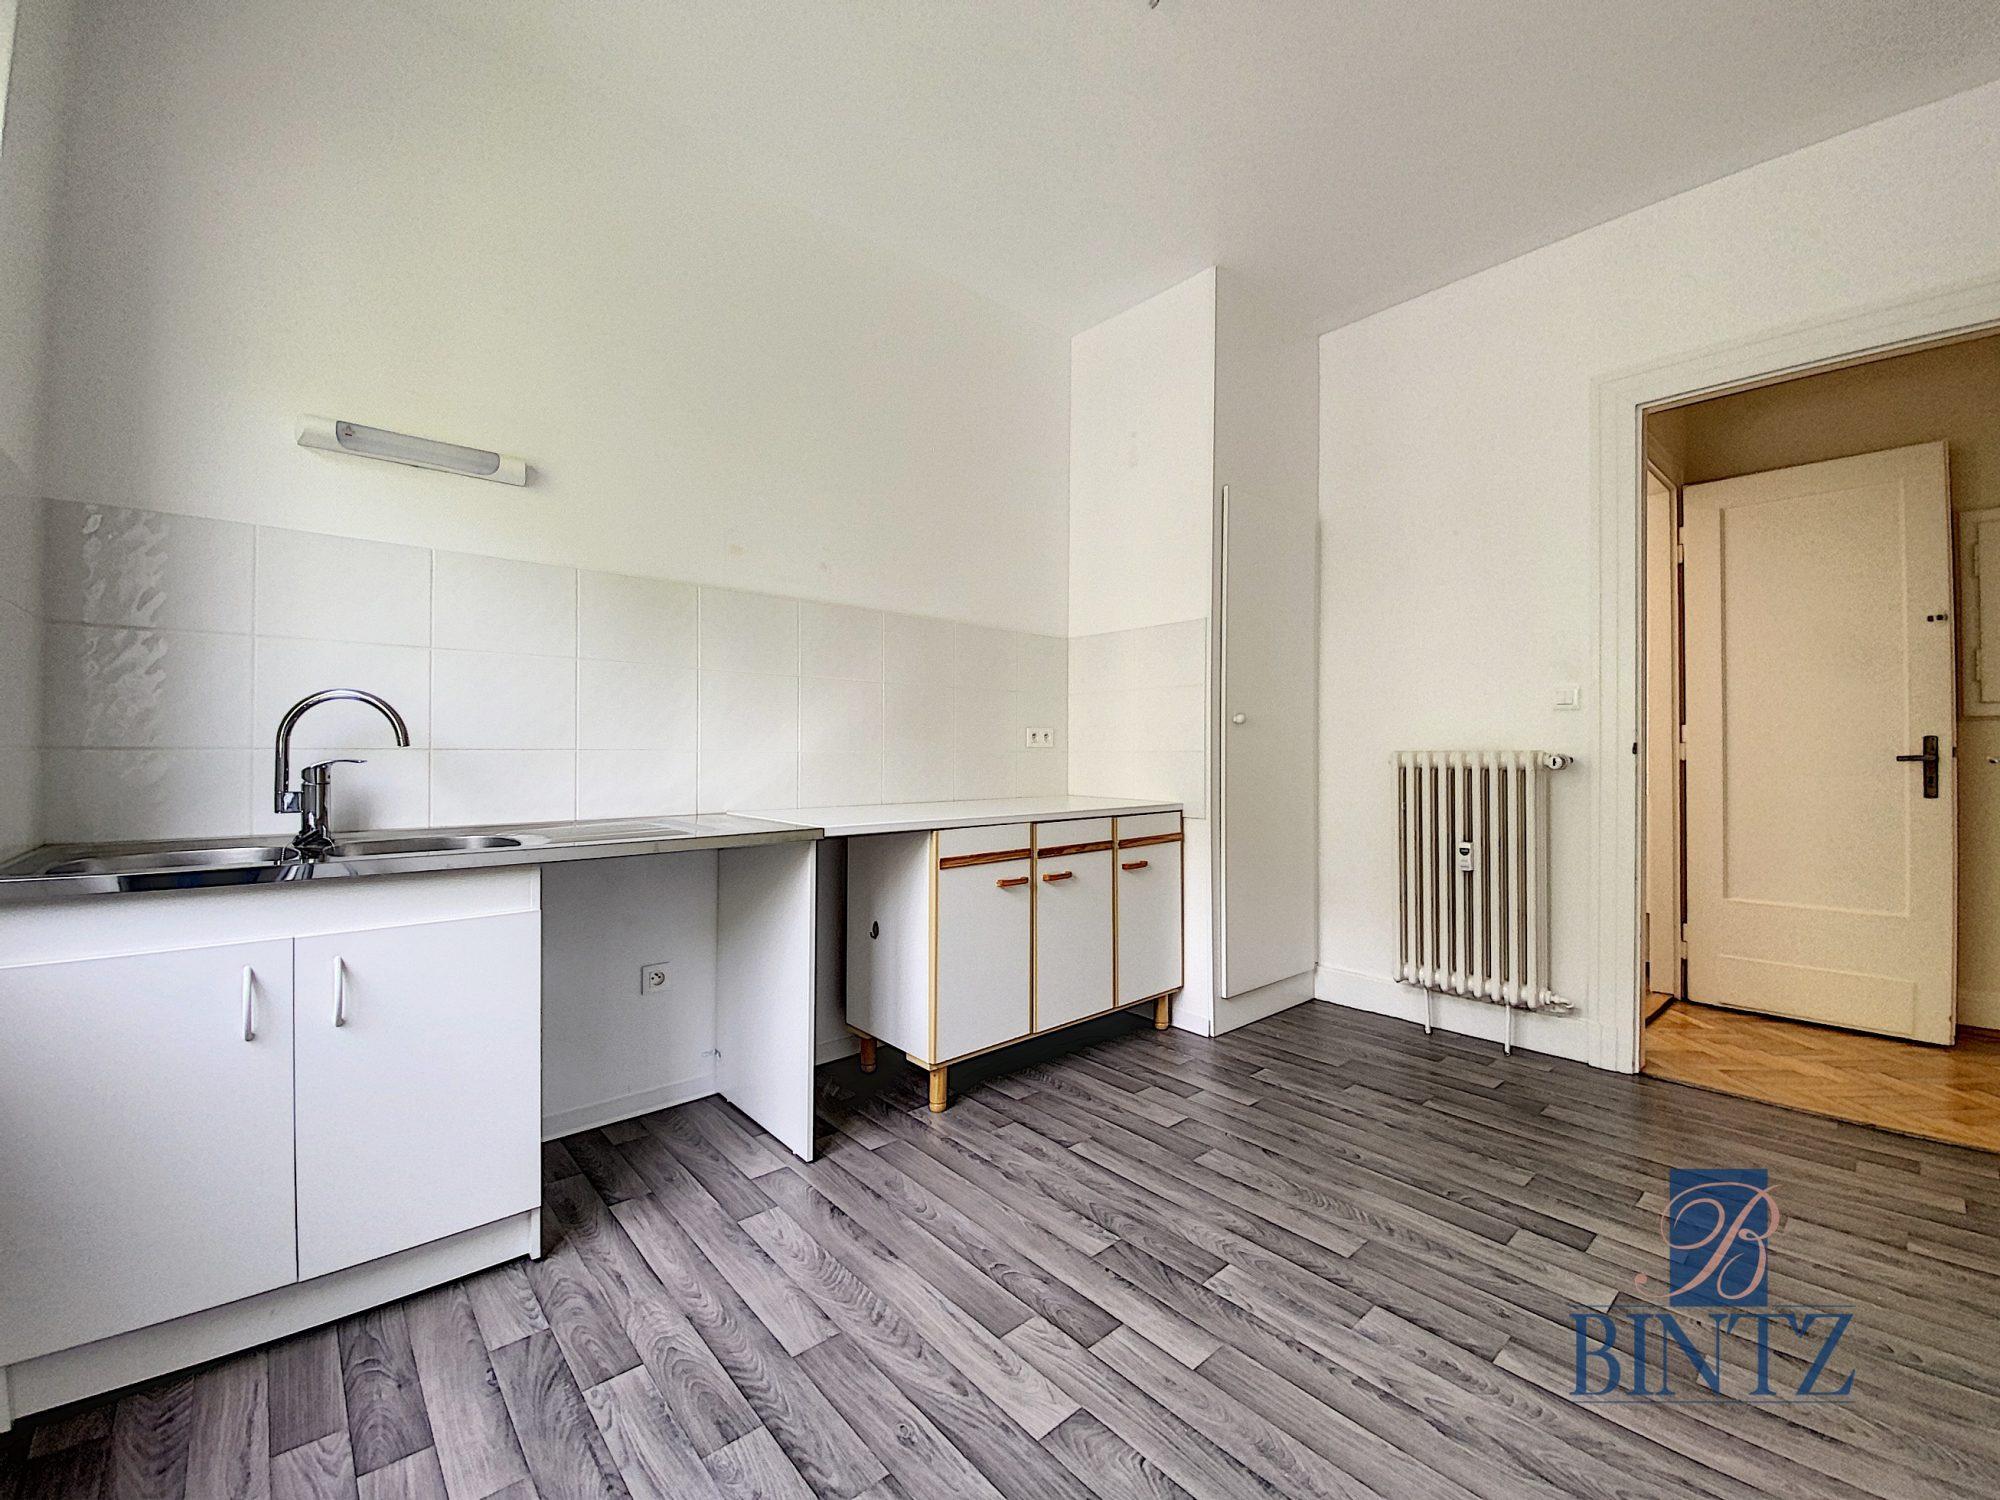 DEUX PIECES RENOVE ORANGERIE - Devenez locataire en toute sérénité - Bintz Immobilier - 10